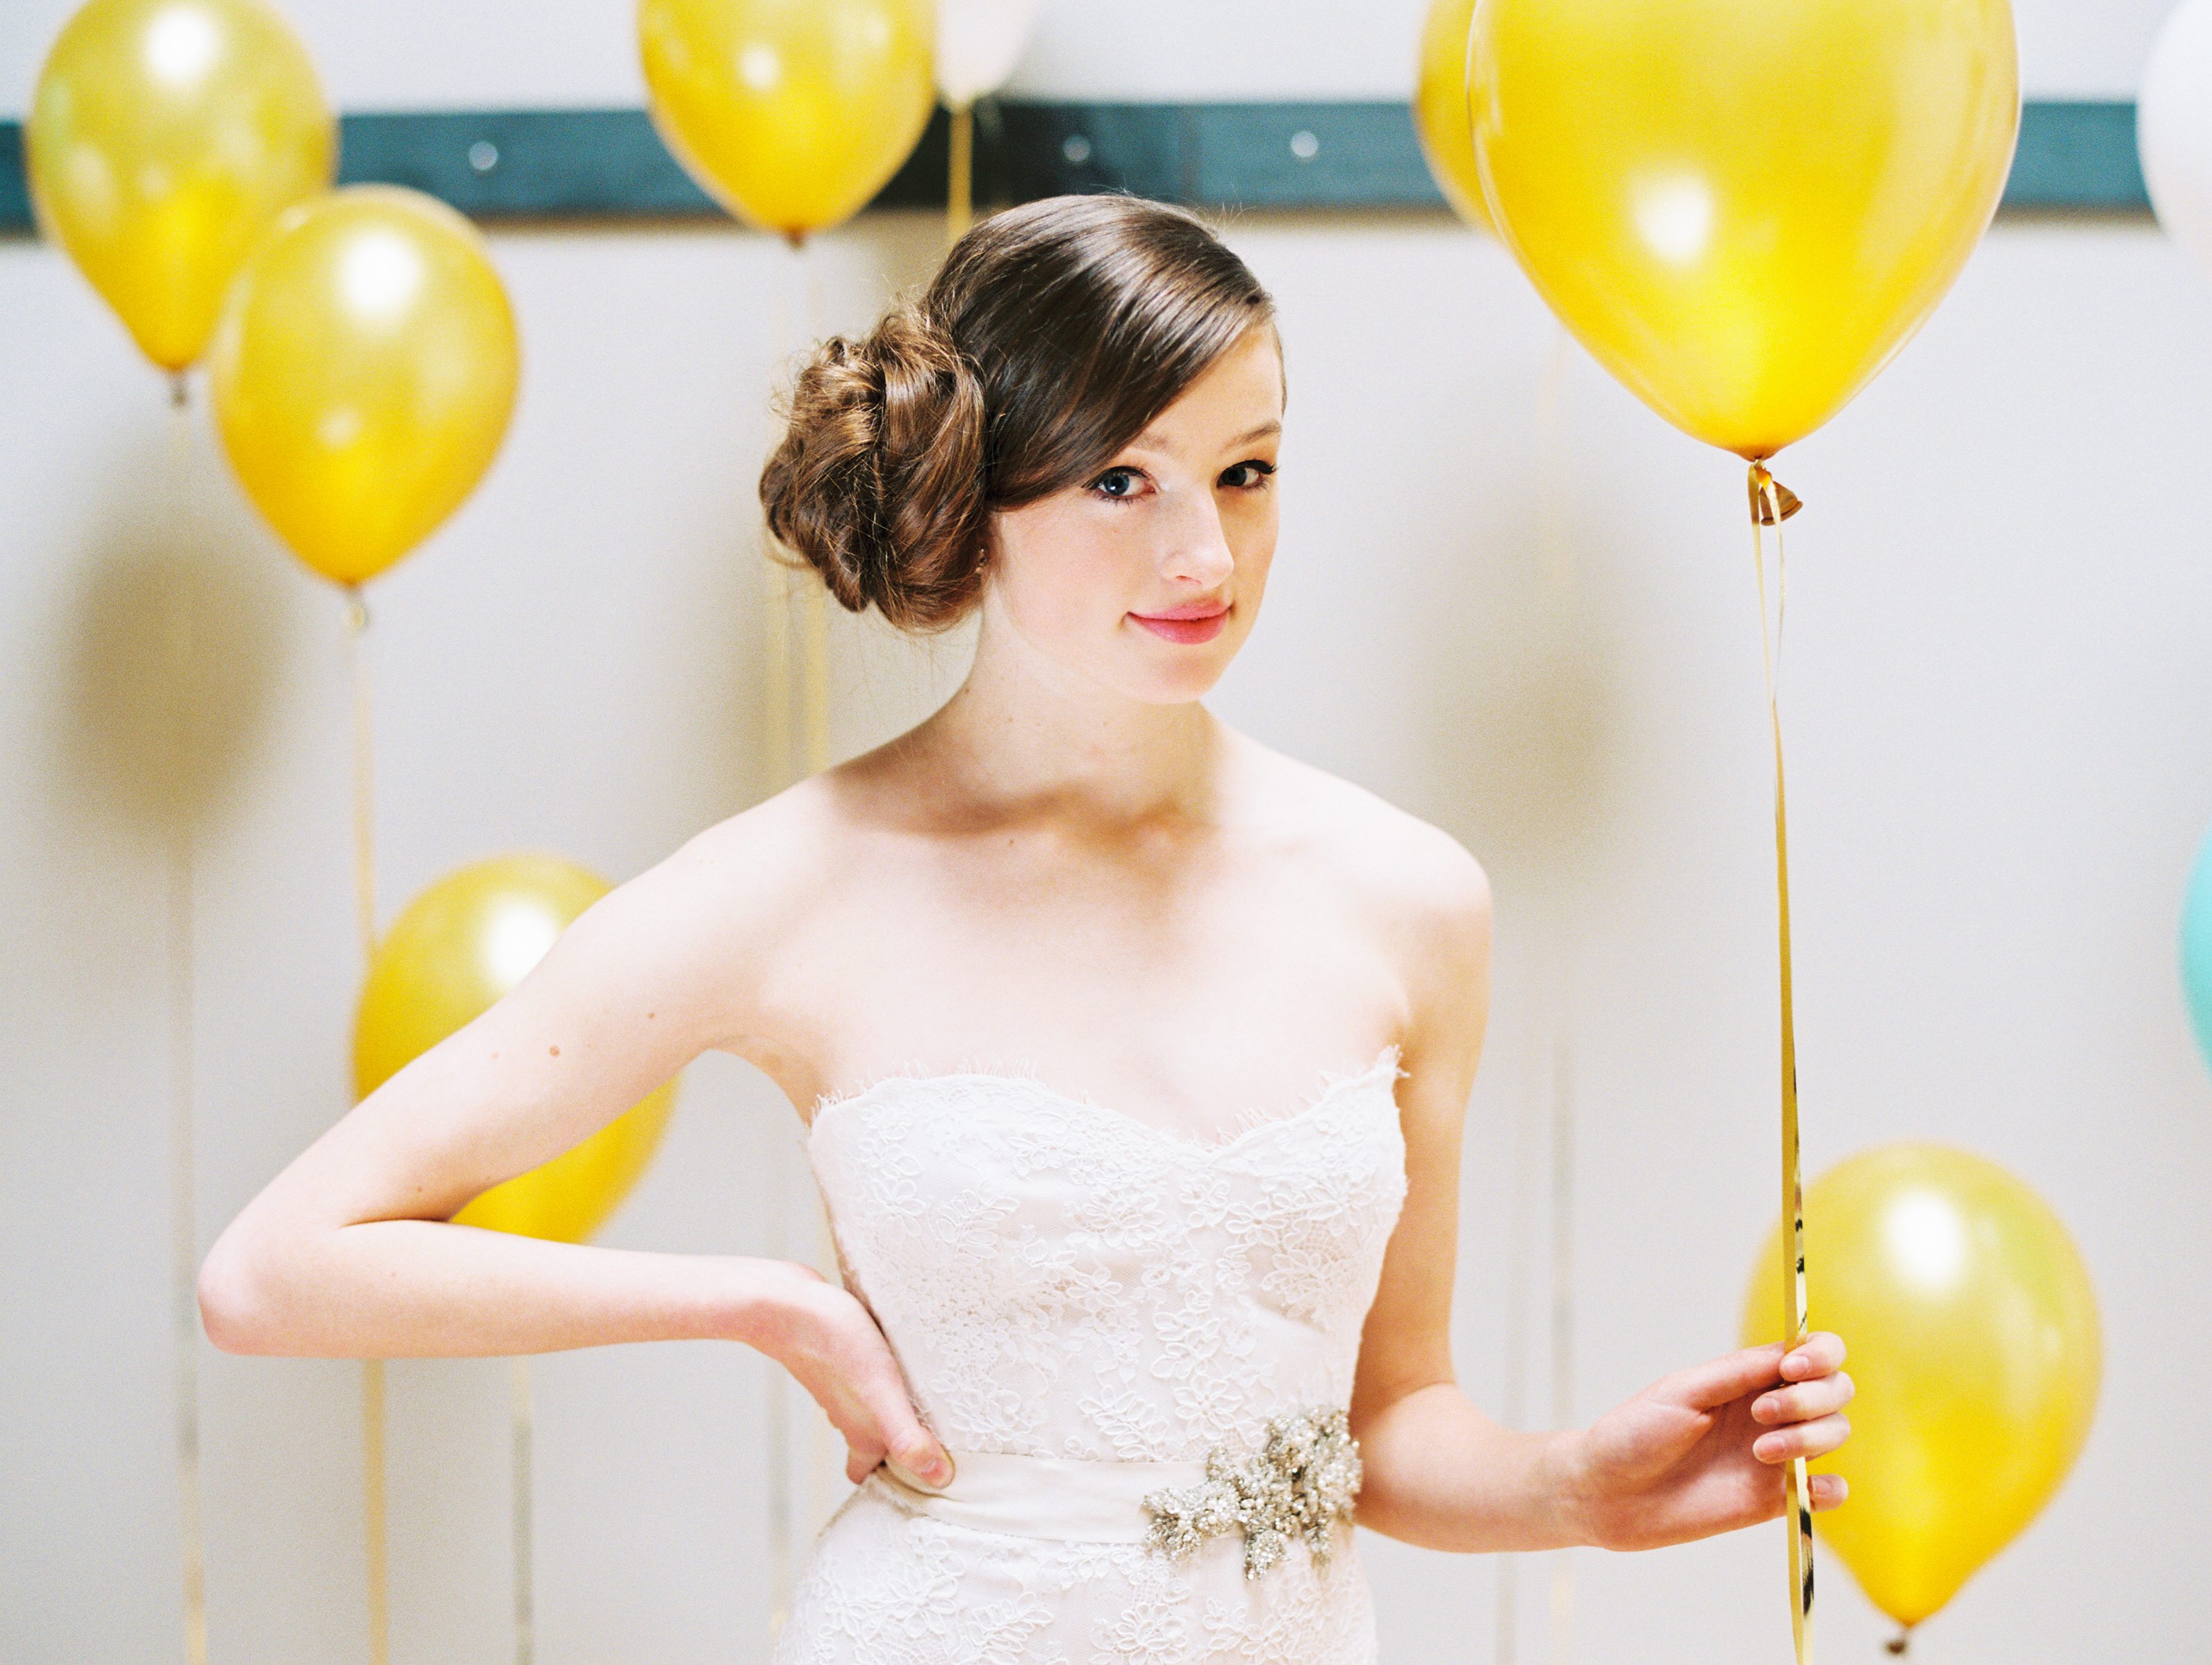 ANNA BÉ STYLEBOOK: VOLUME 4, SPRING 2015